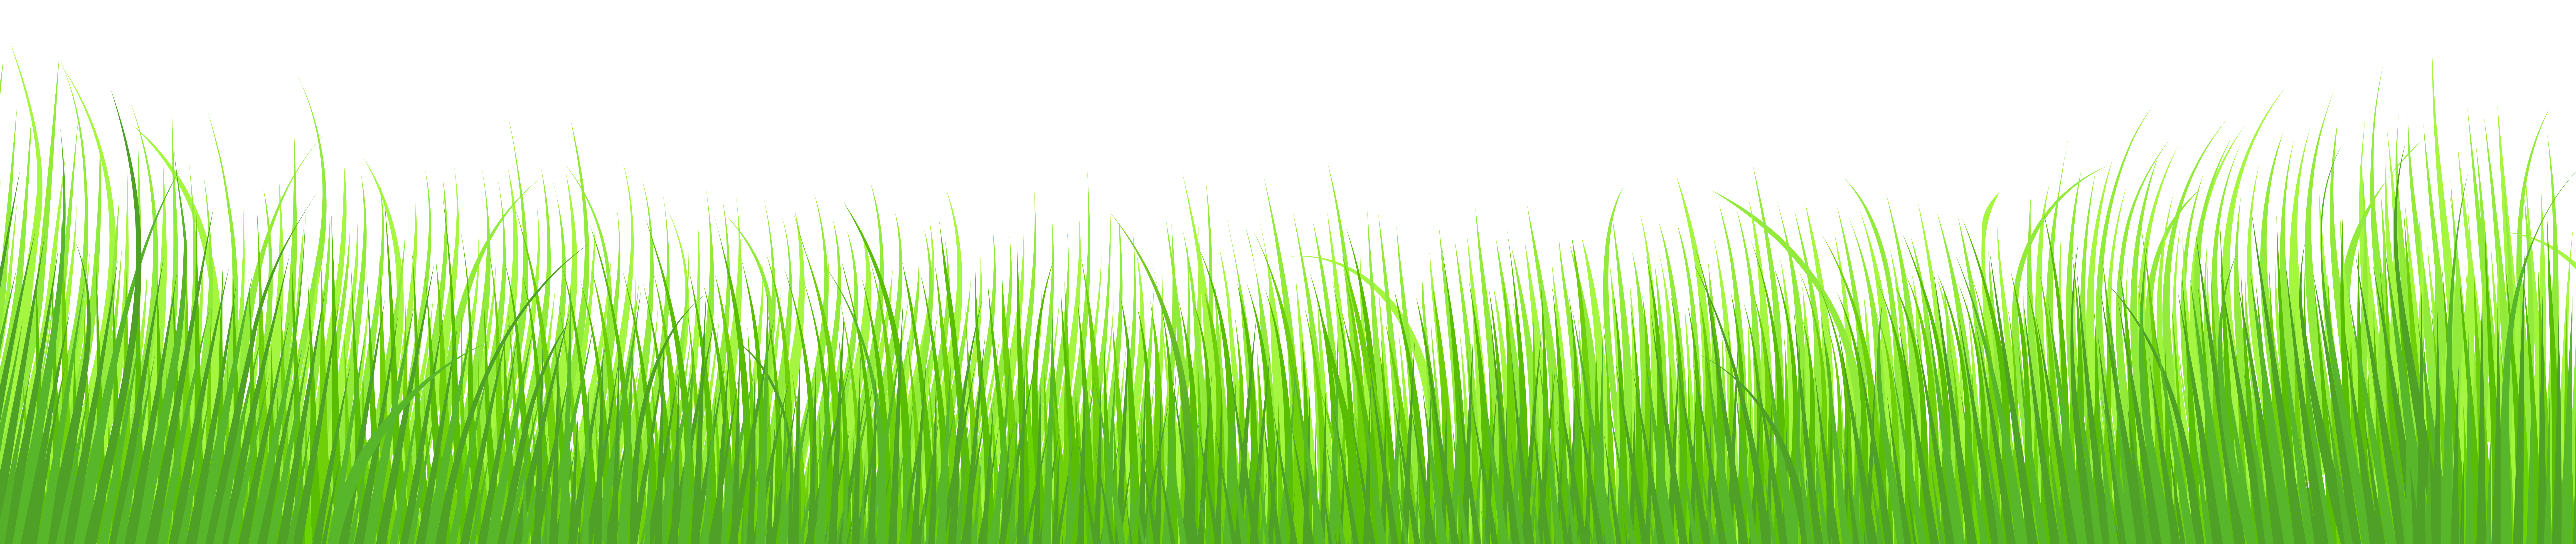 Spring grass transparent clip art image